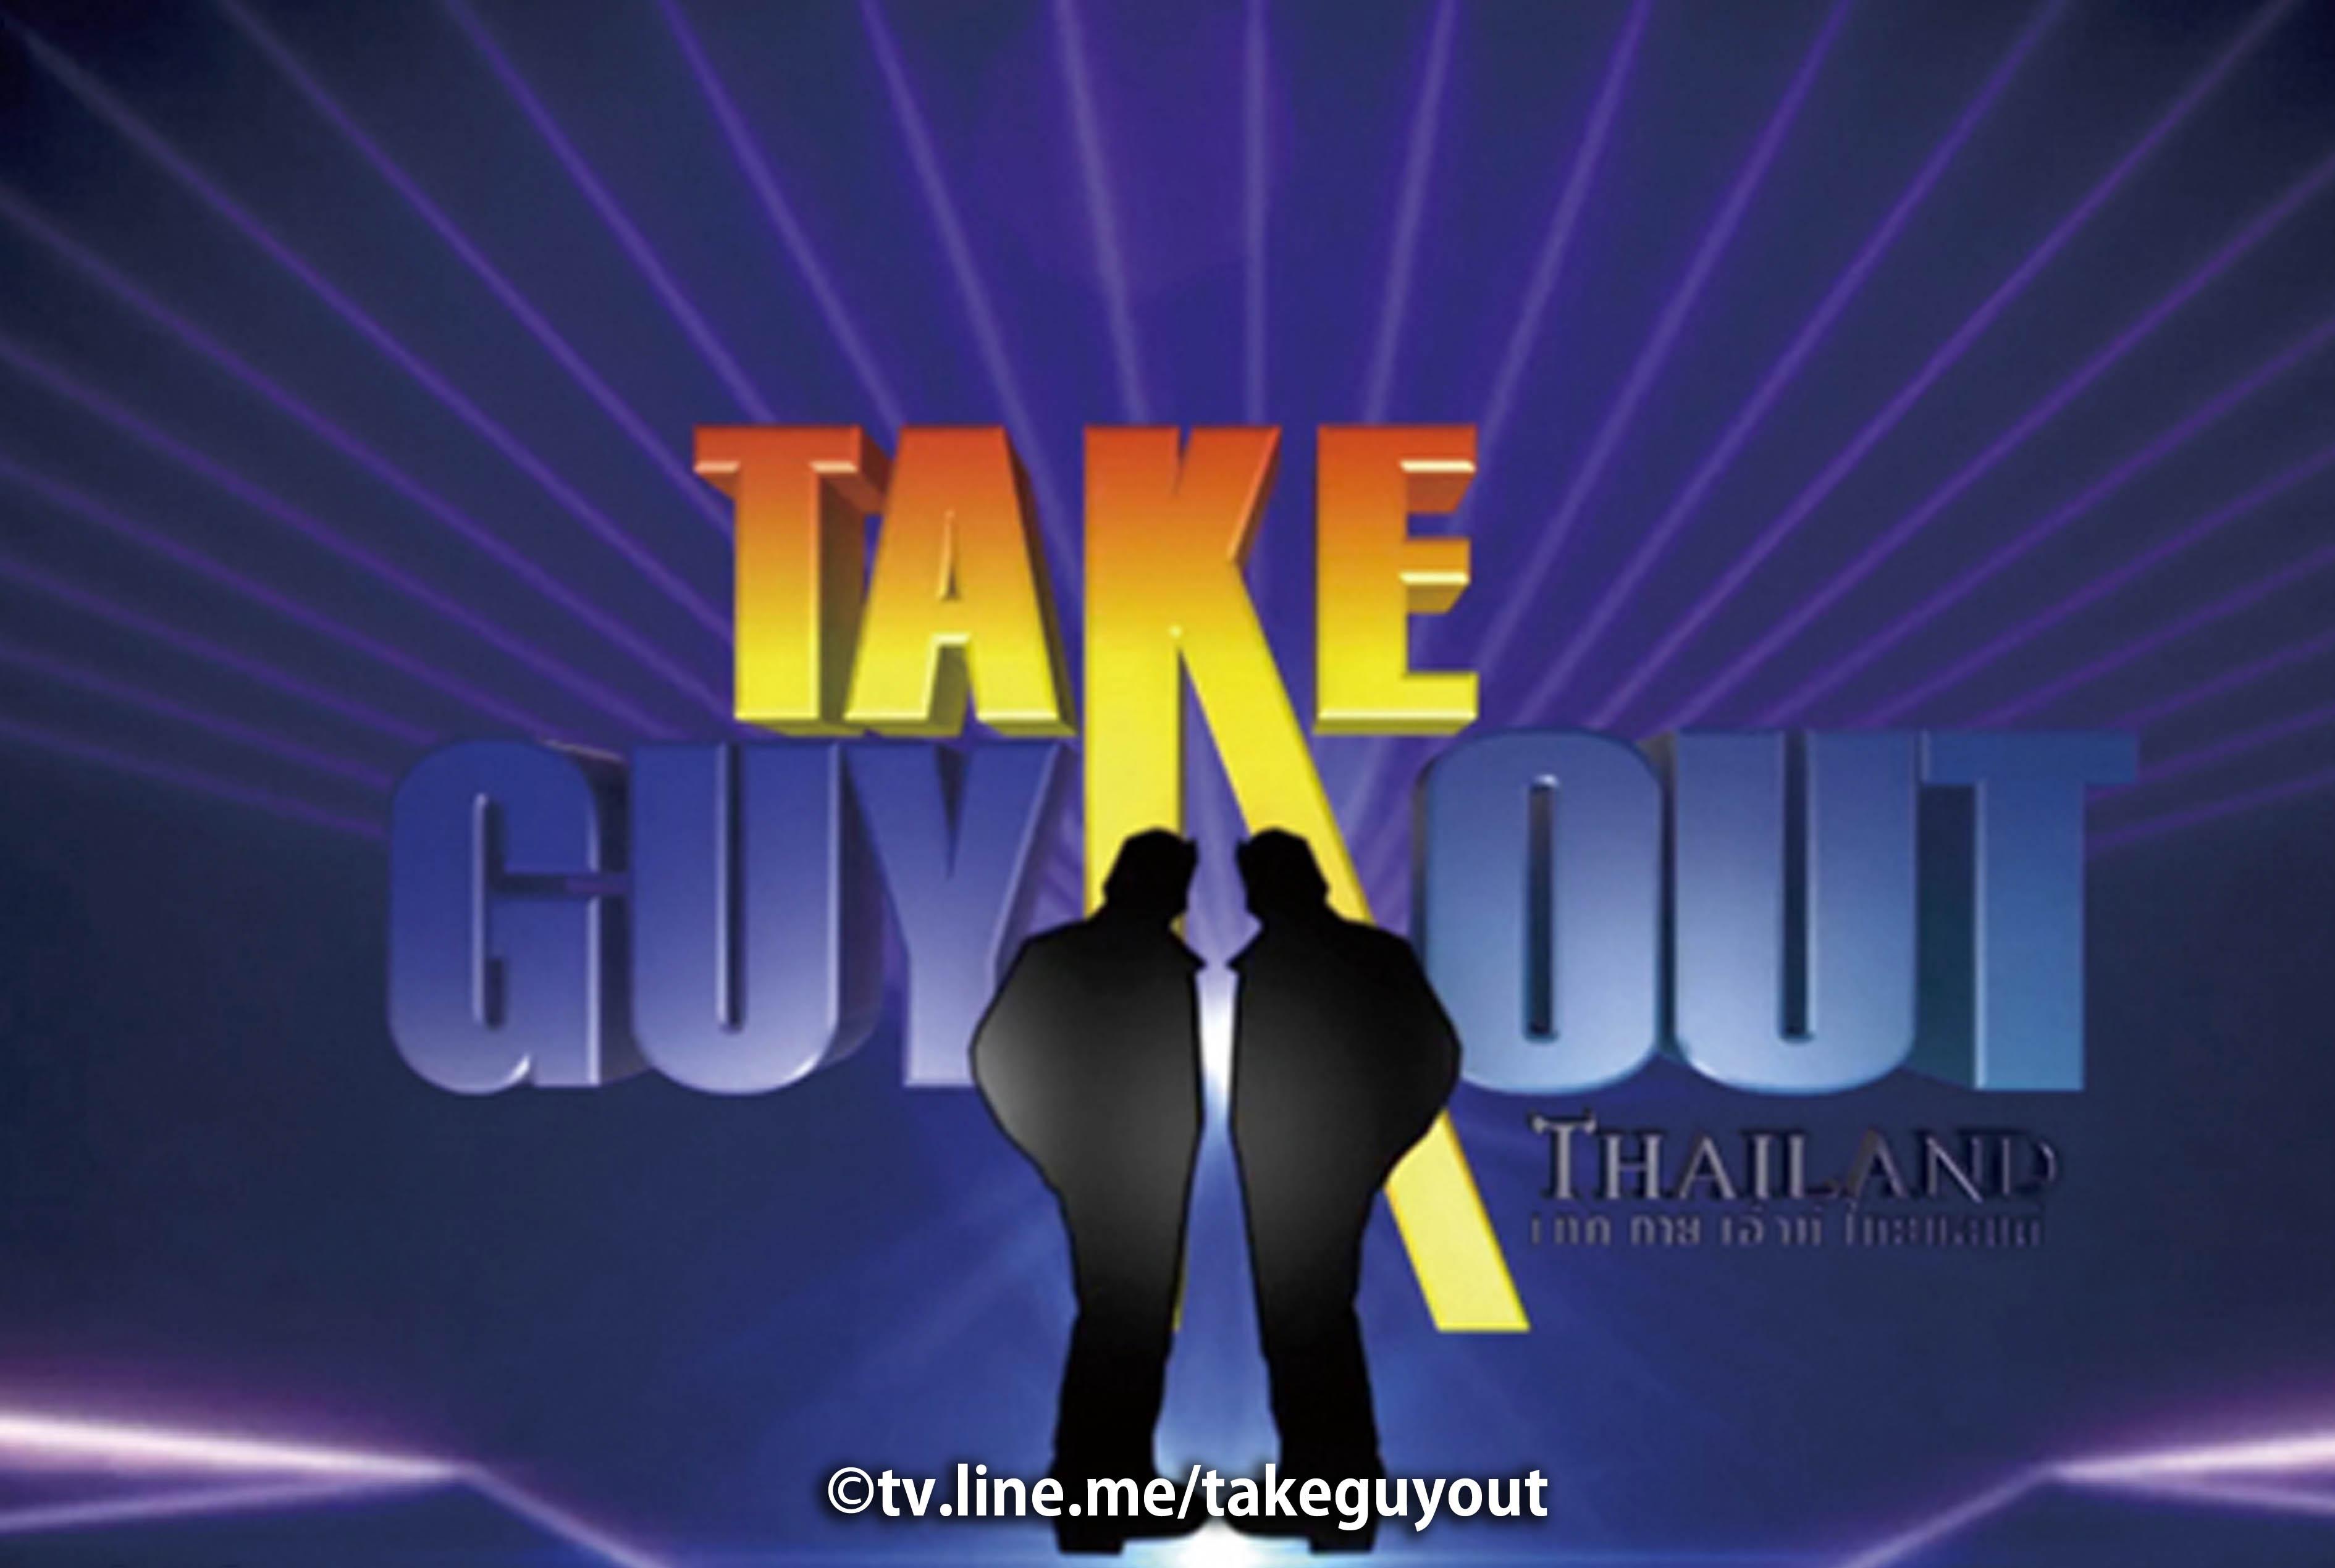 男同士のカップリング番組 - ワイズデジタル【タイで生活する人のための情報サイト】